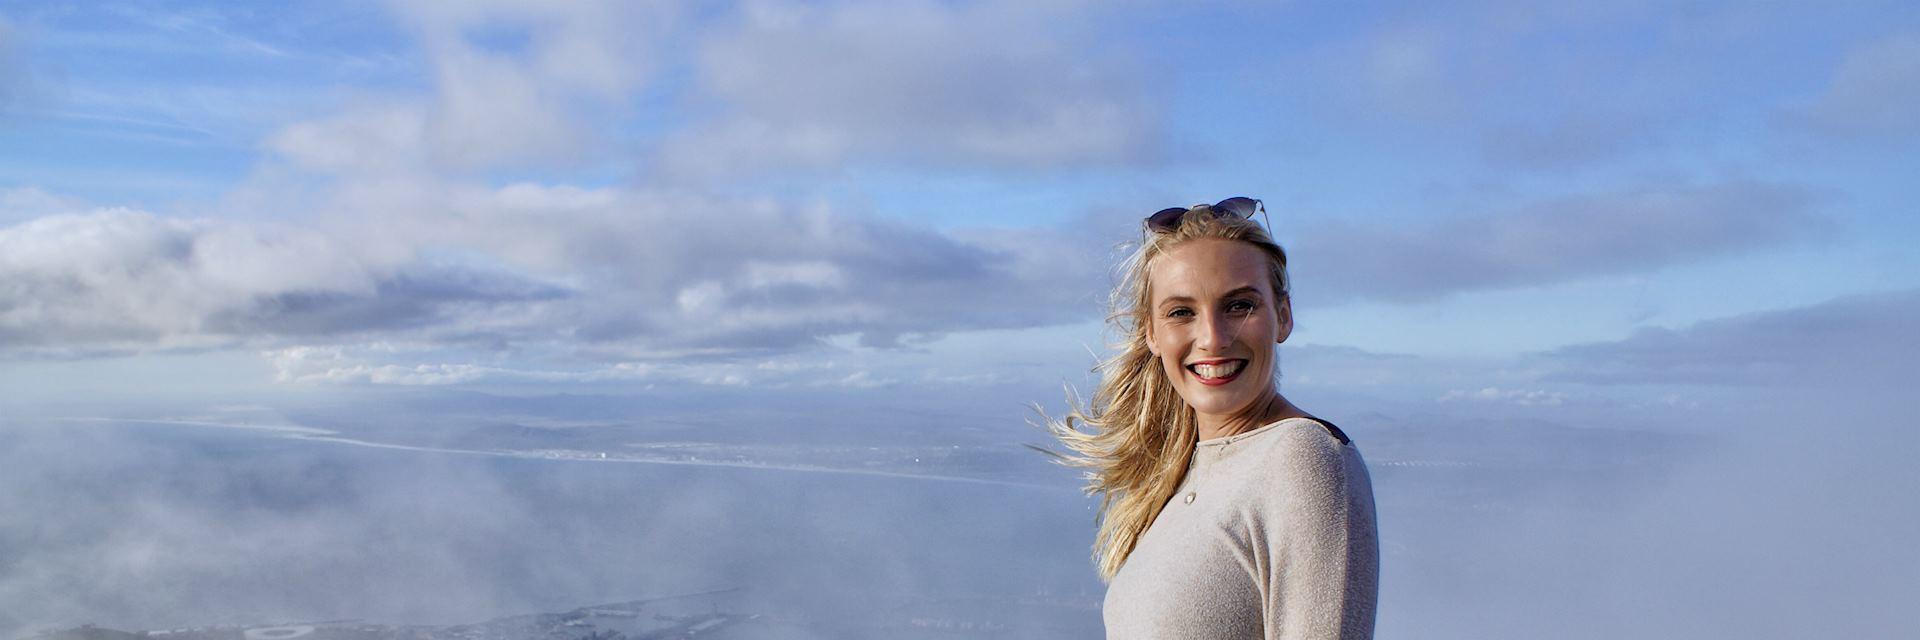 Lottie at Table Mountain